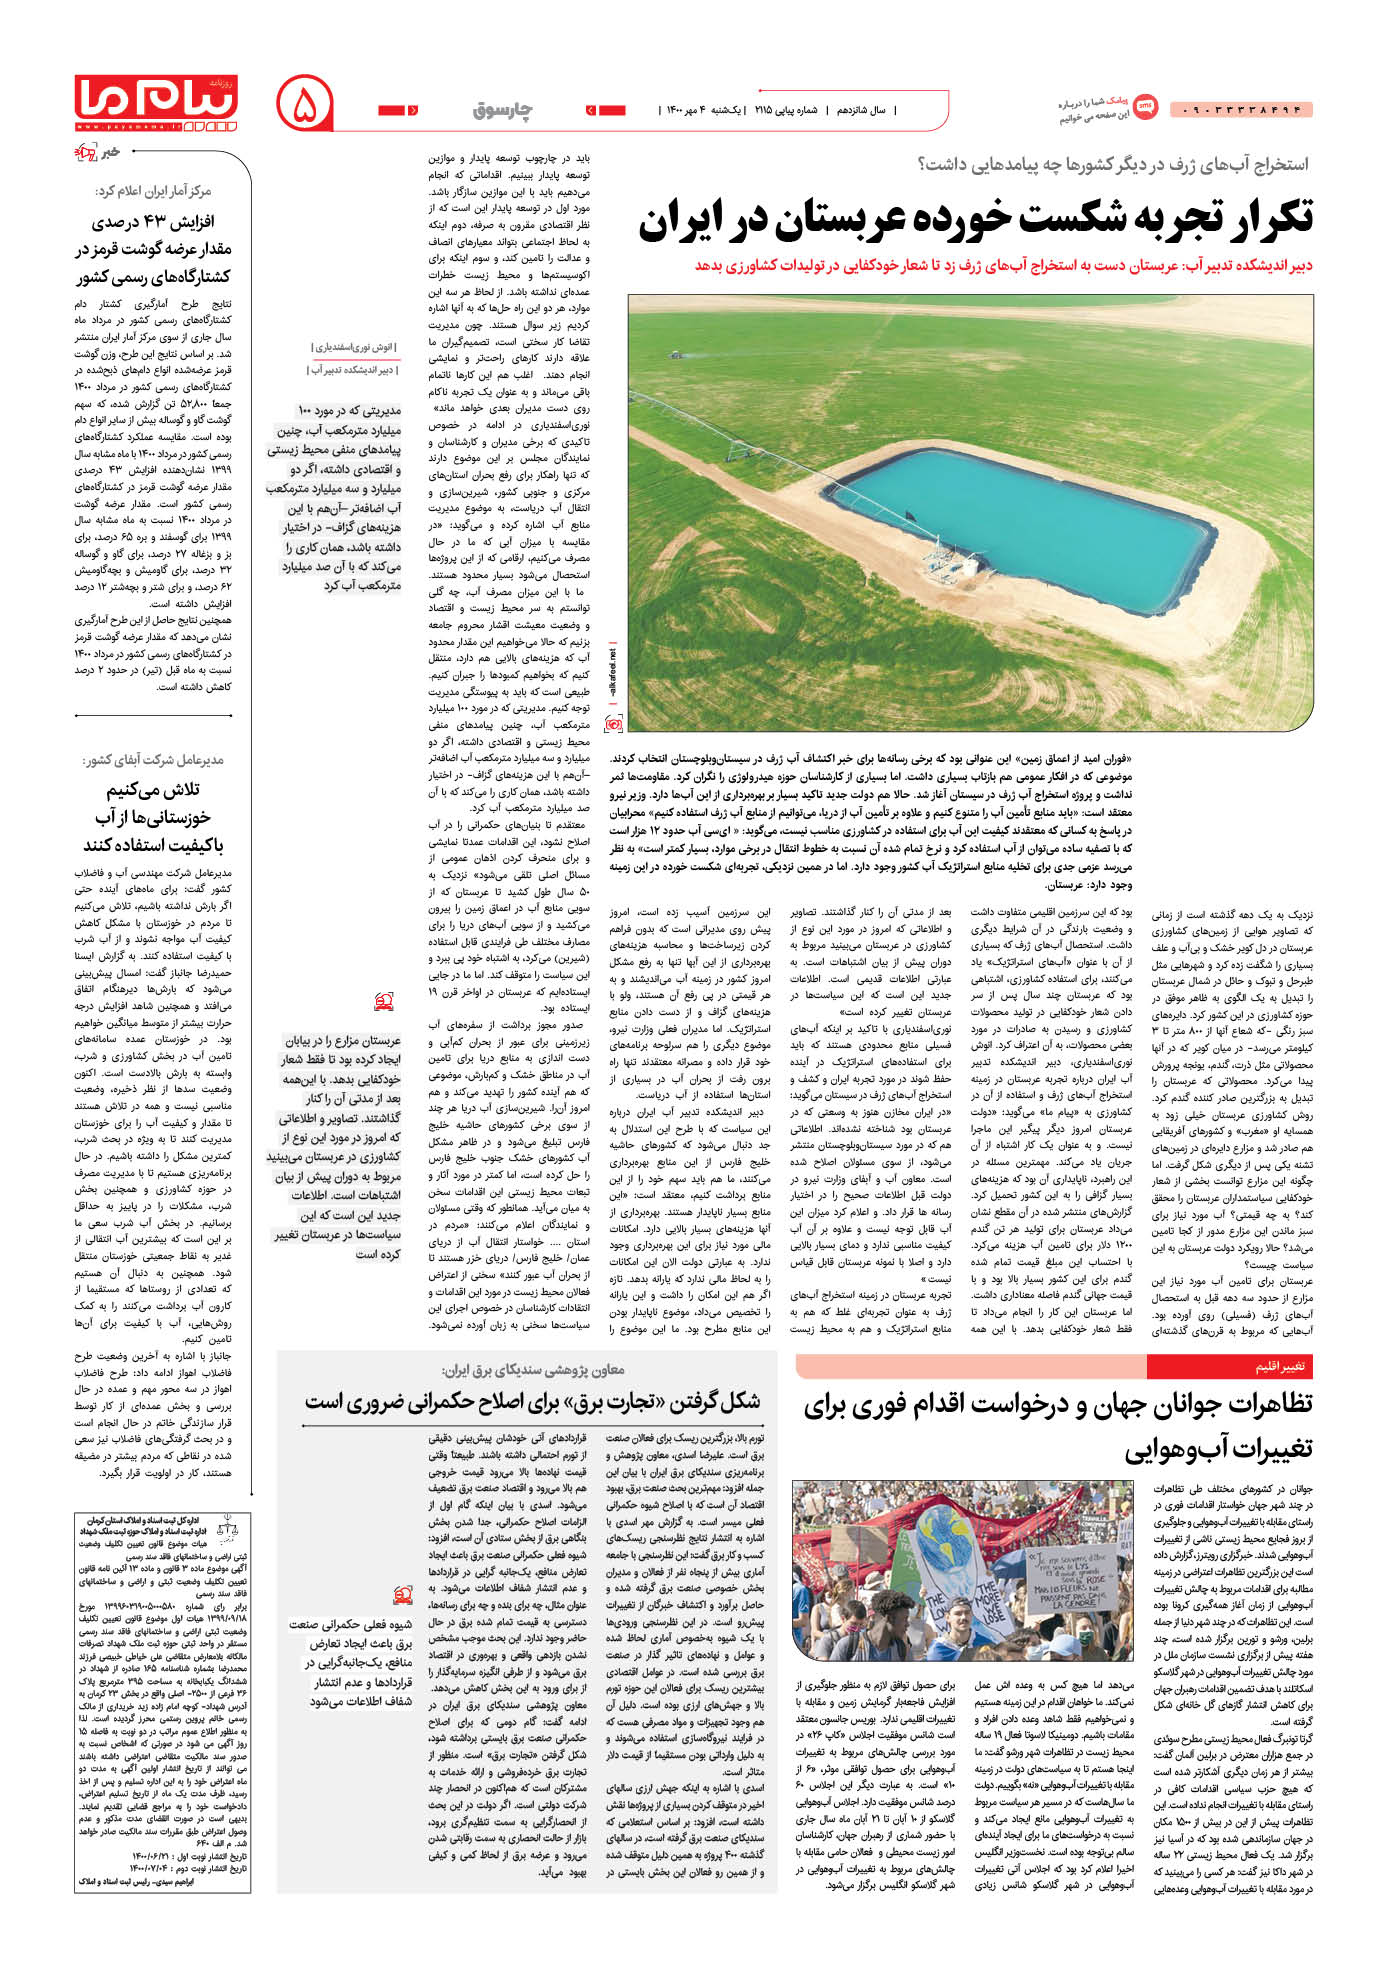 صفحه چارسوق شماره 2115 روزنامه پیام ما